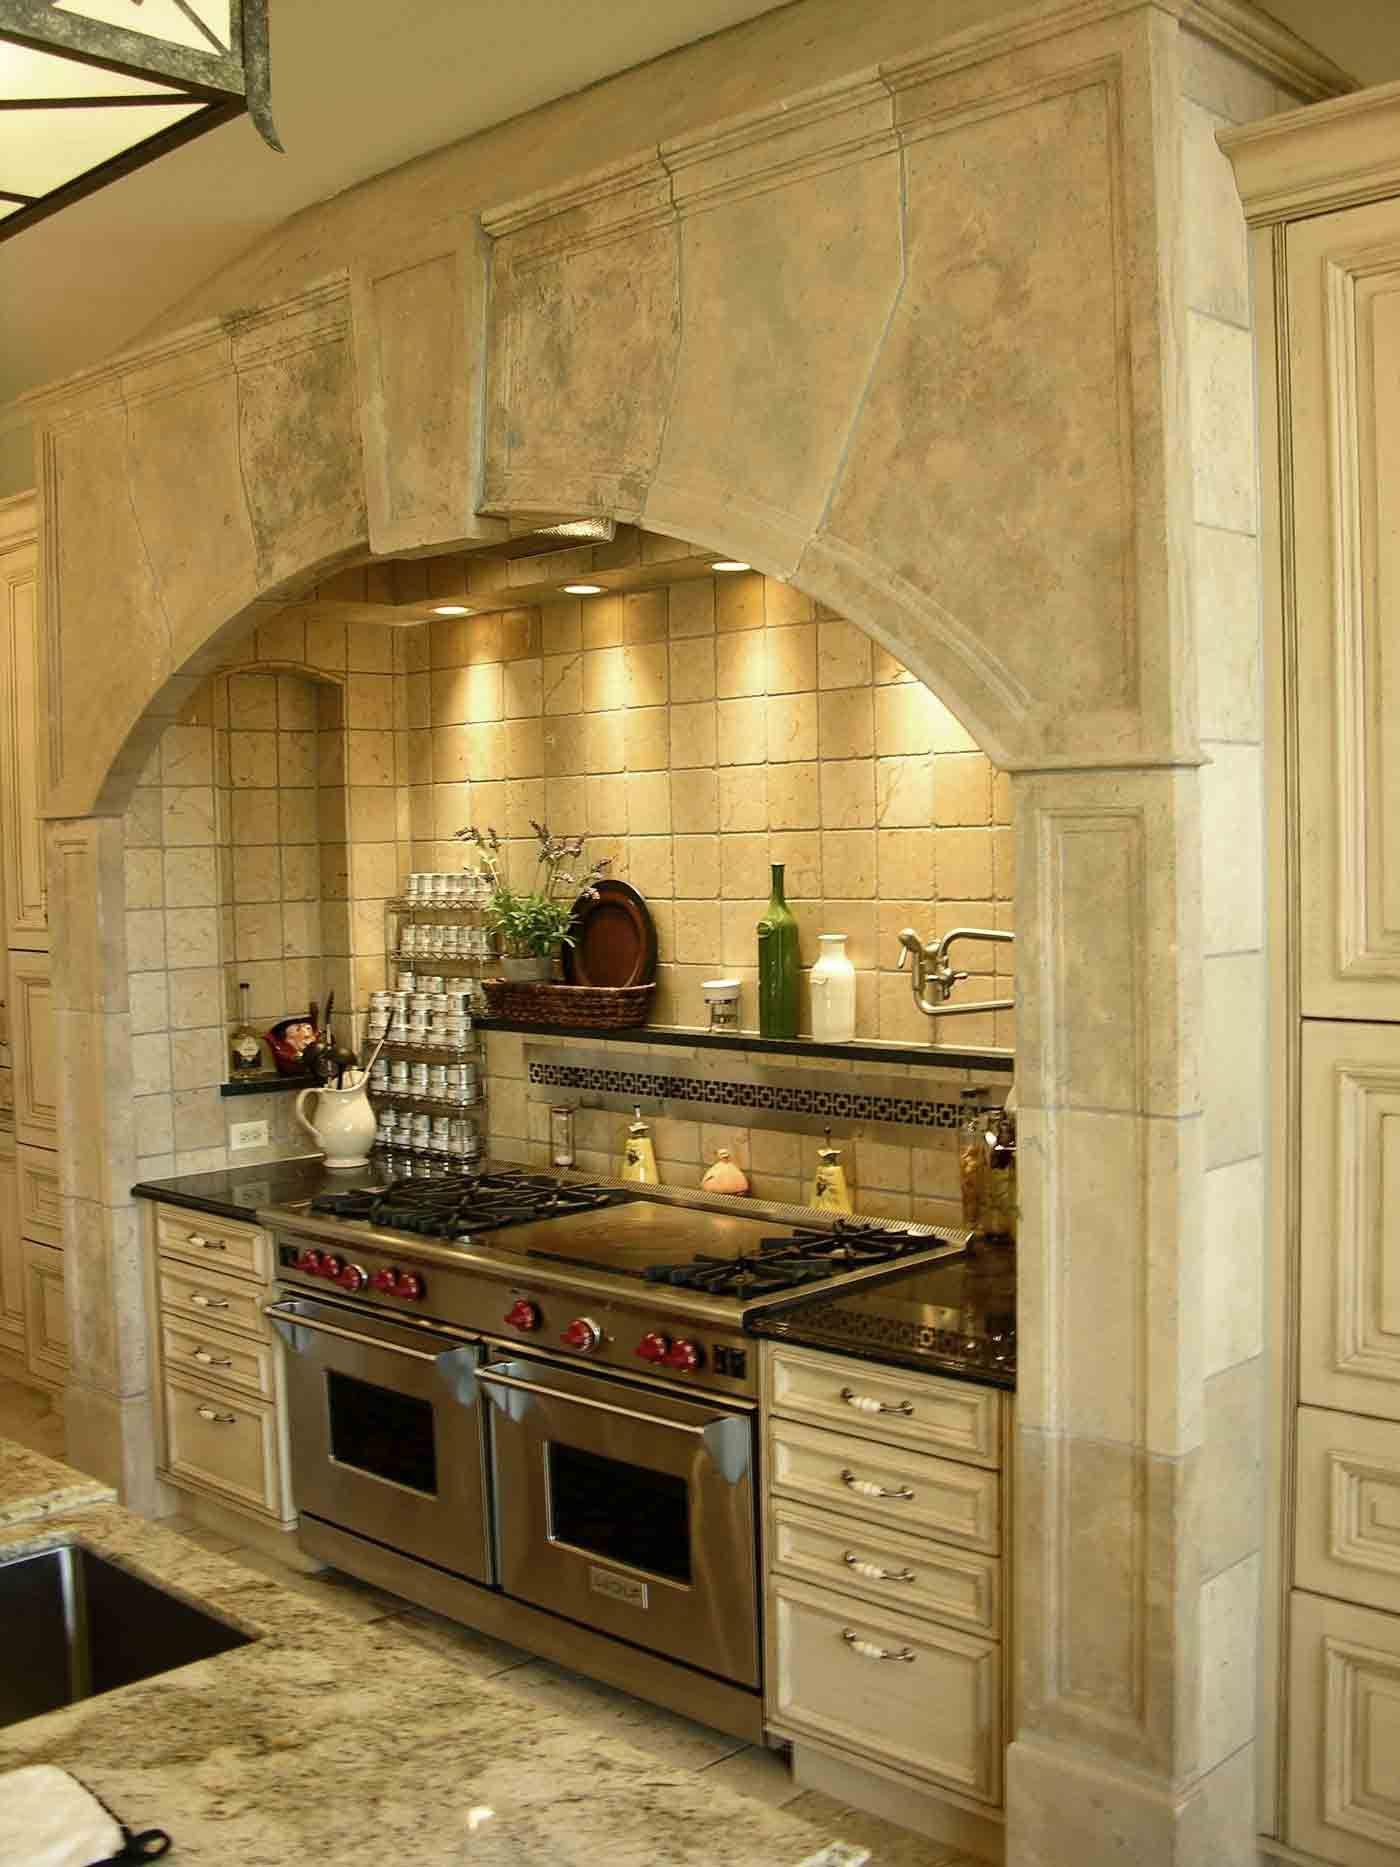 Architectural Stone | Best Kitchen Range Hoods Gallery ...